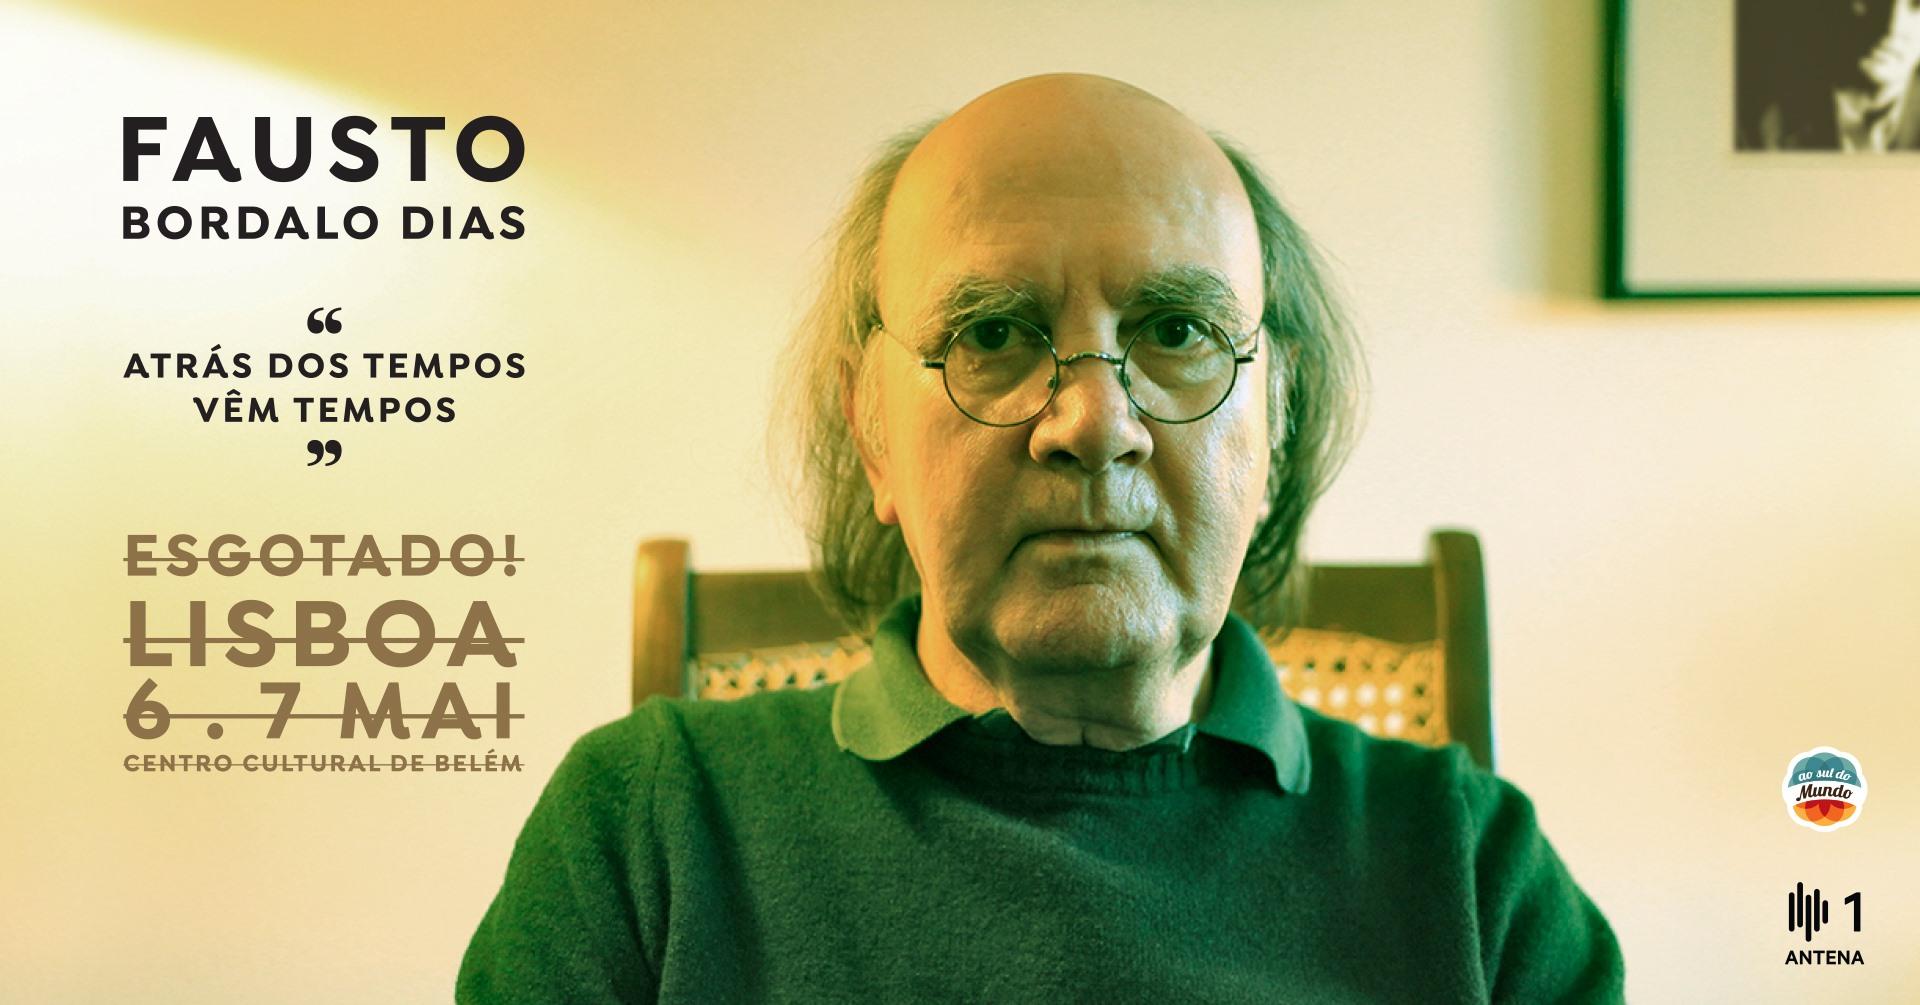 Esgotado! Fausto Bordalo Dias - Atrás dos Tempos Vêm Tempos